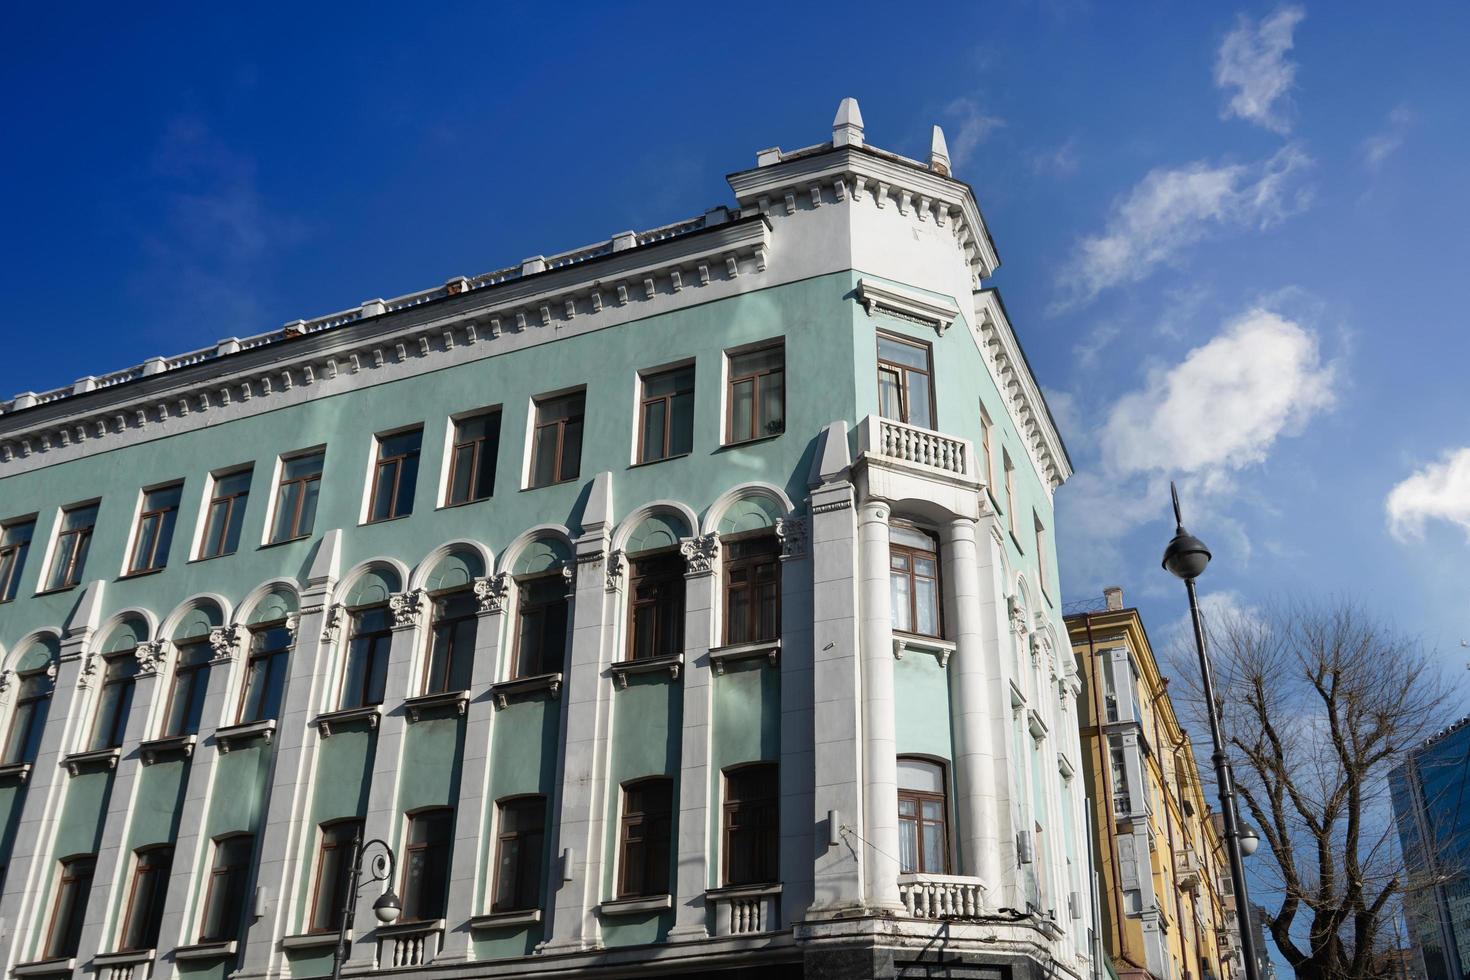 stadslandschap met uitzicht op een oud gebouw. vladivostok foto